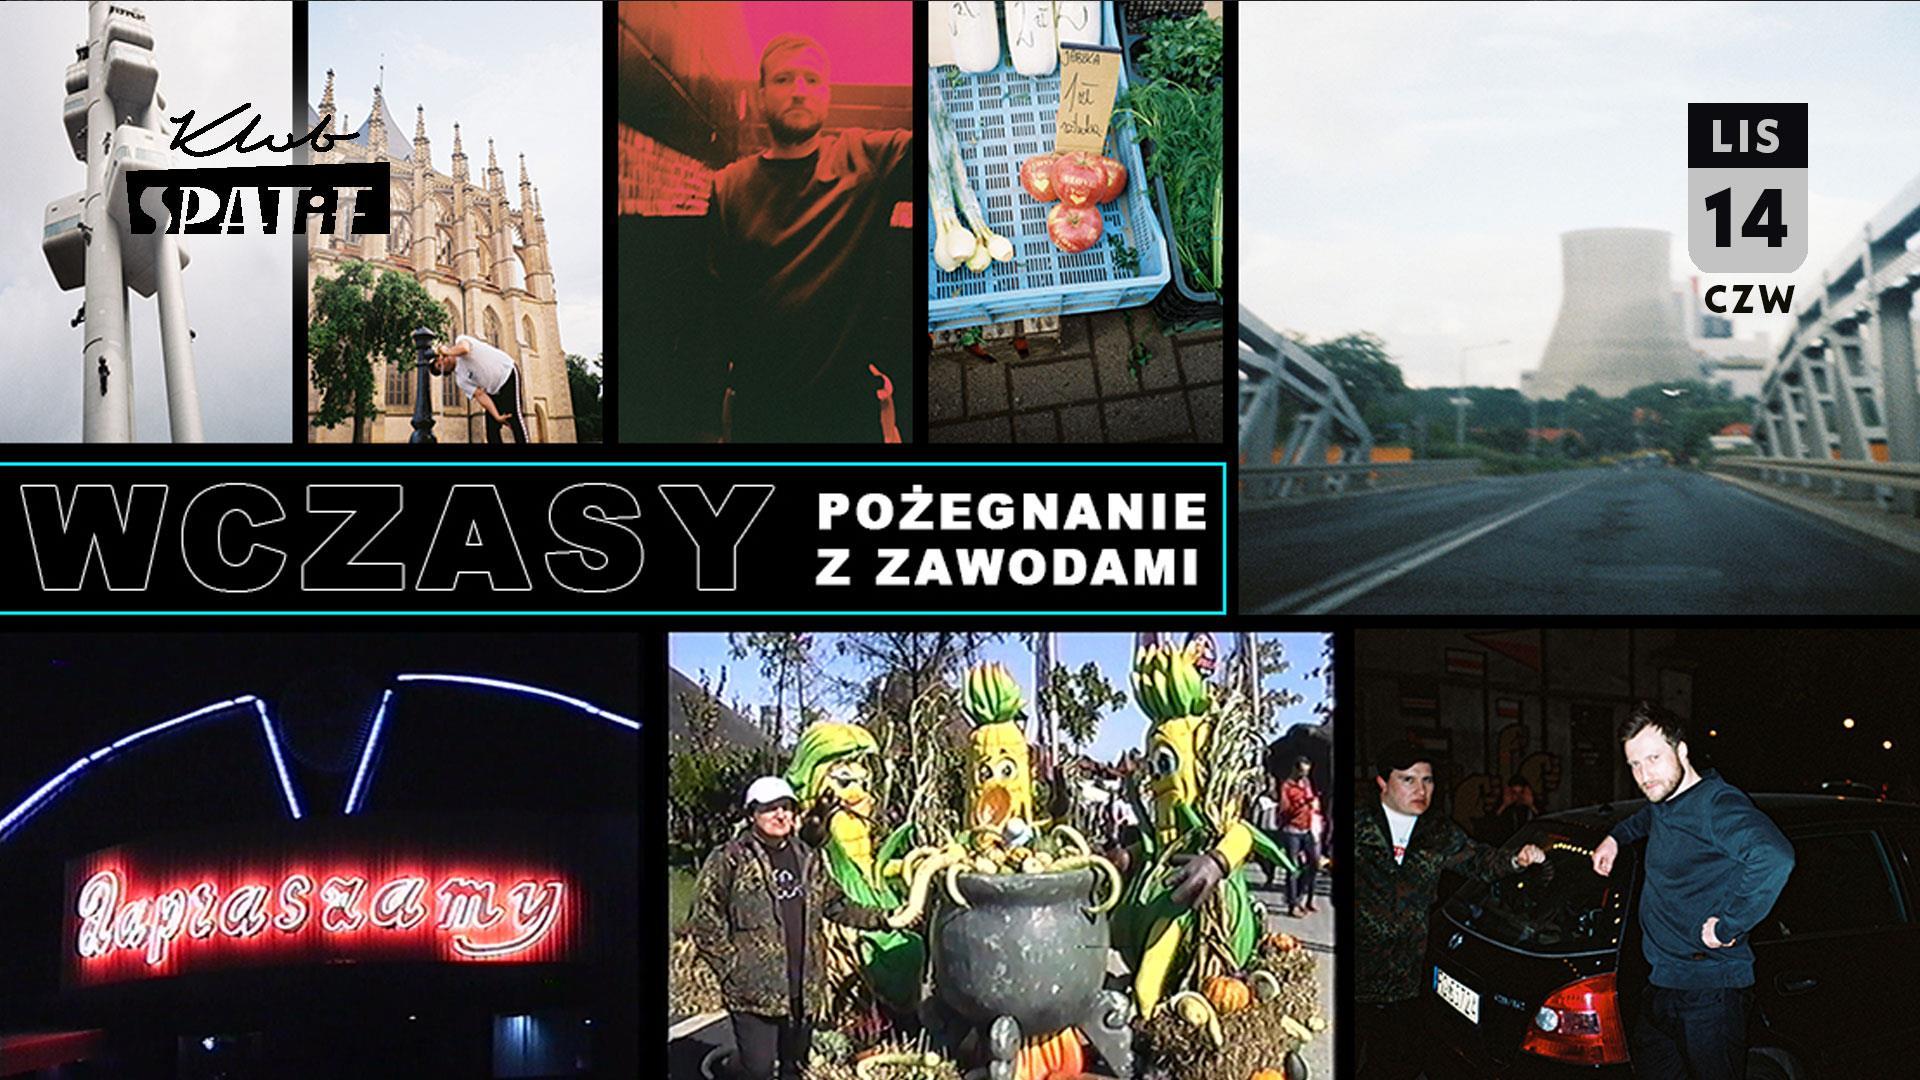 Wczasy (Warszawa - Spatif - 14.11.2019)